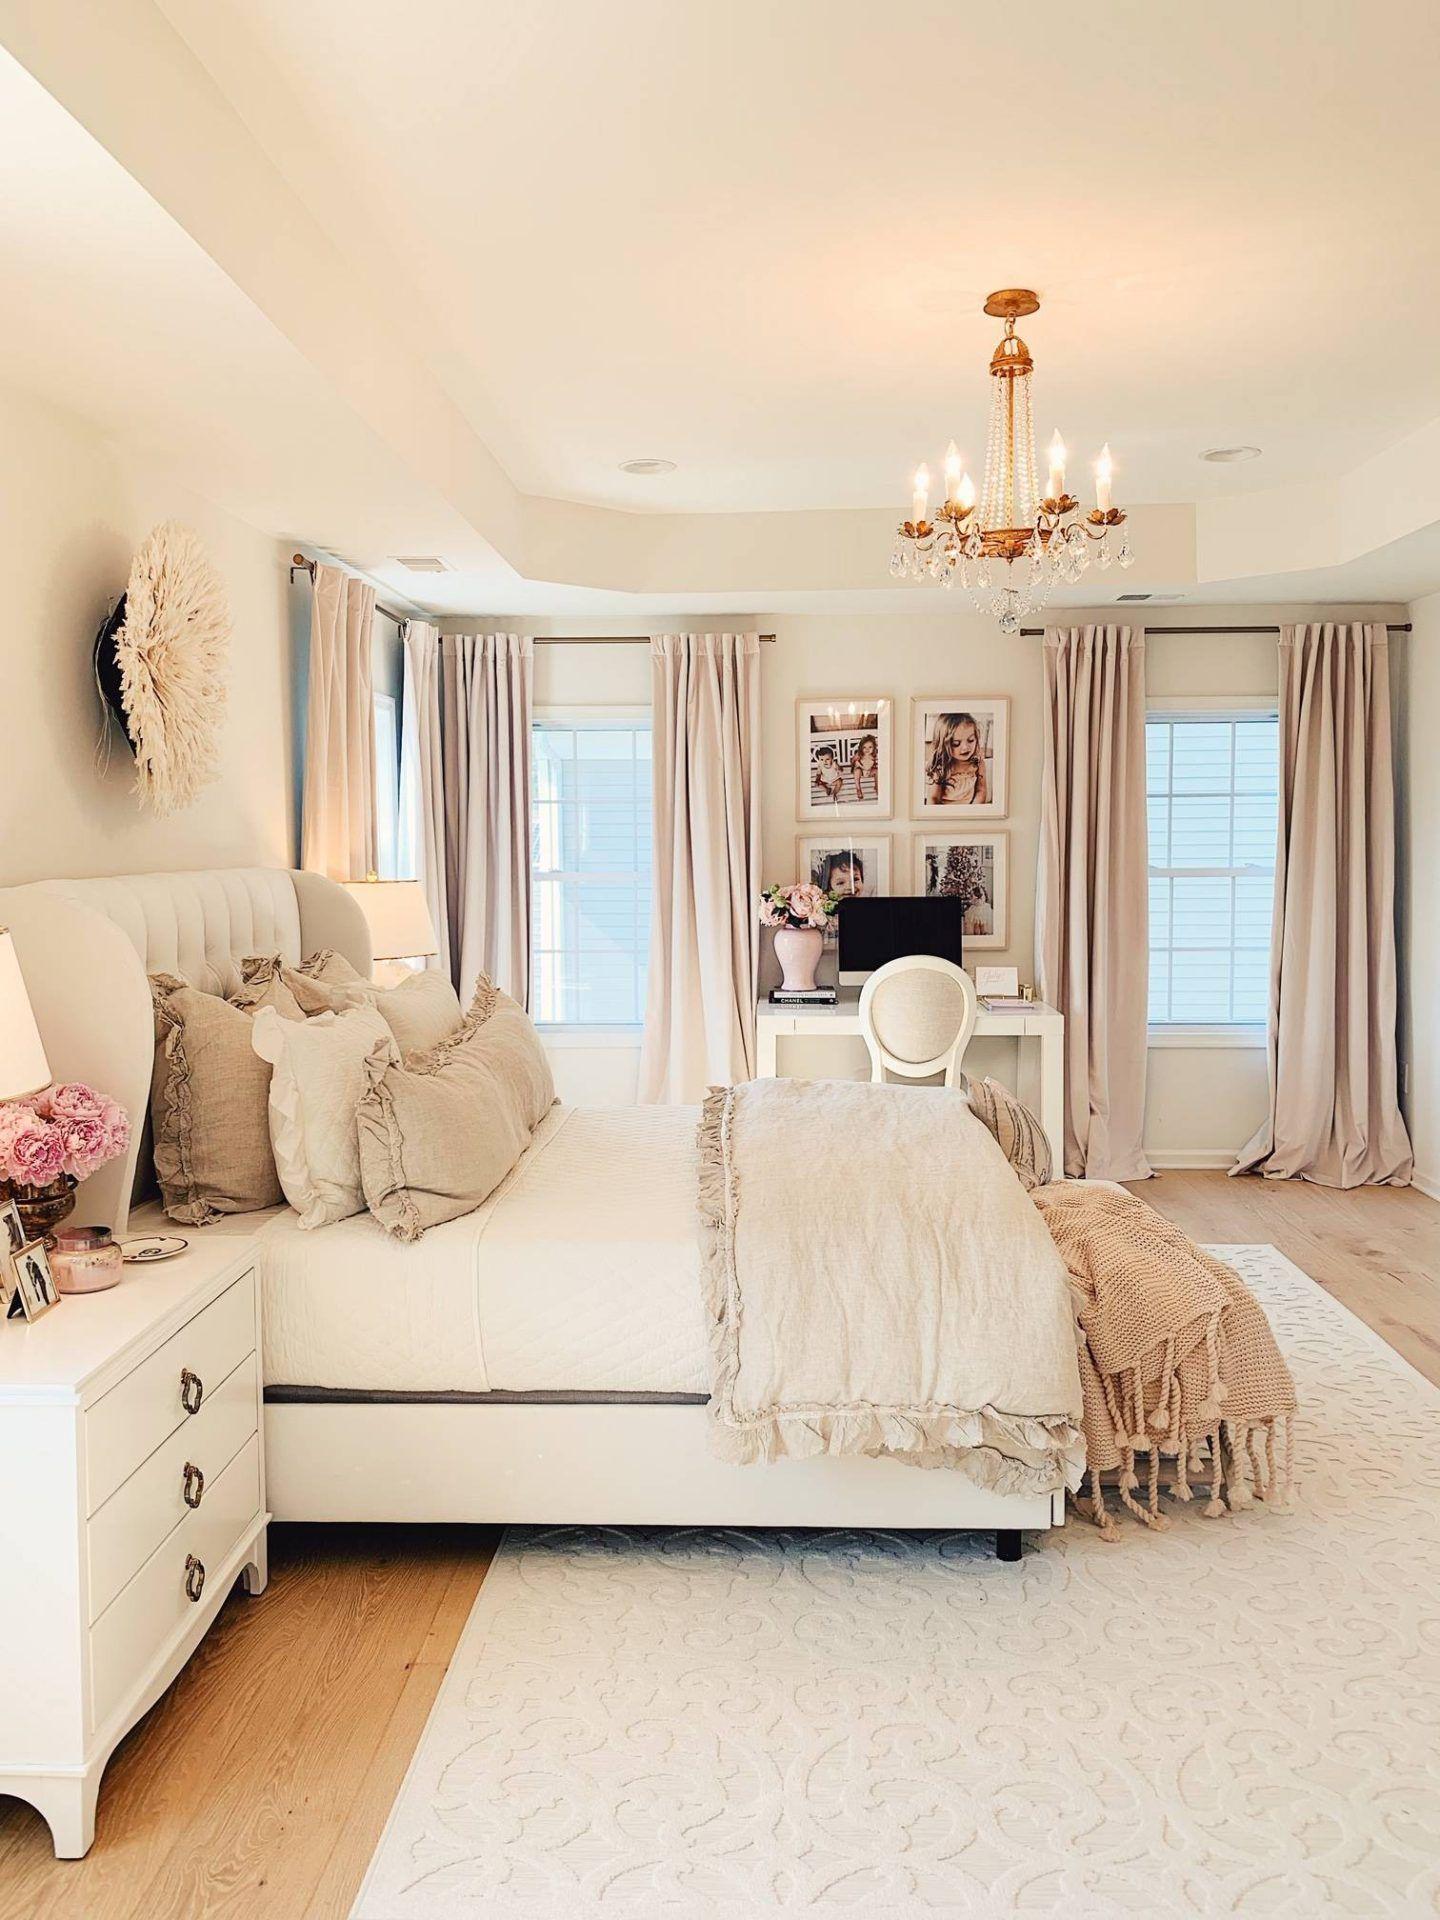 Master Bedroom Decor A Cozy Romantic Master Bedroom The Pink Dream Dream Master Bedroom Master Bedrooms Decor White Master Bedroom Romantic master bedroom designs